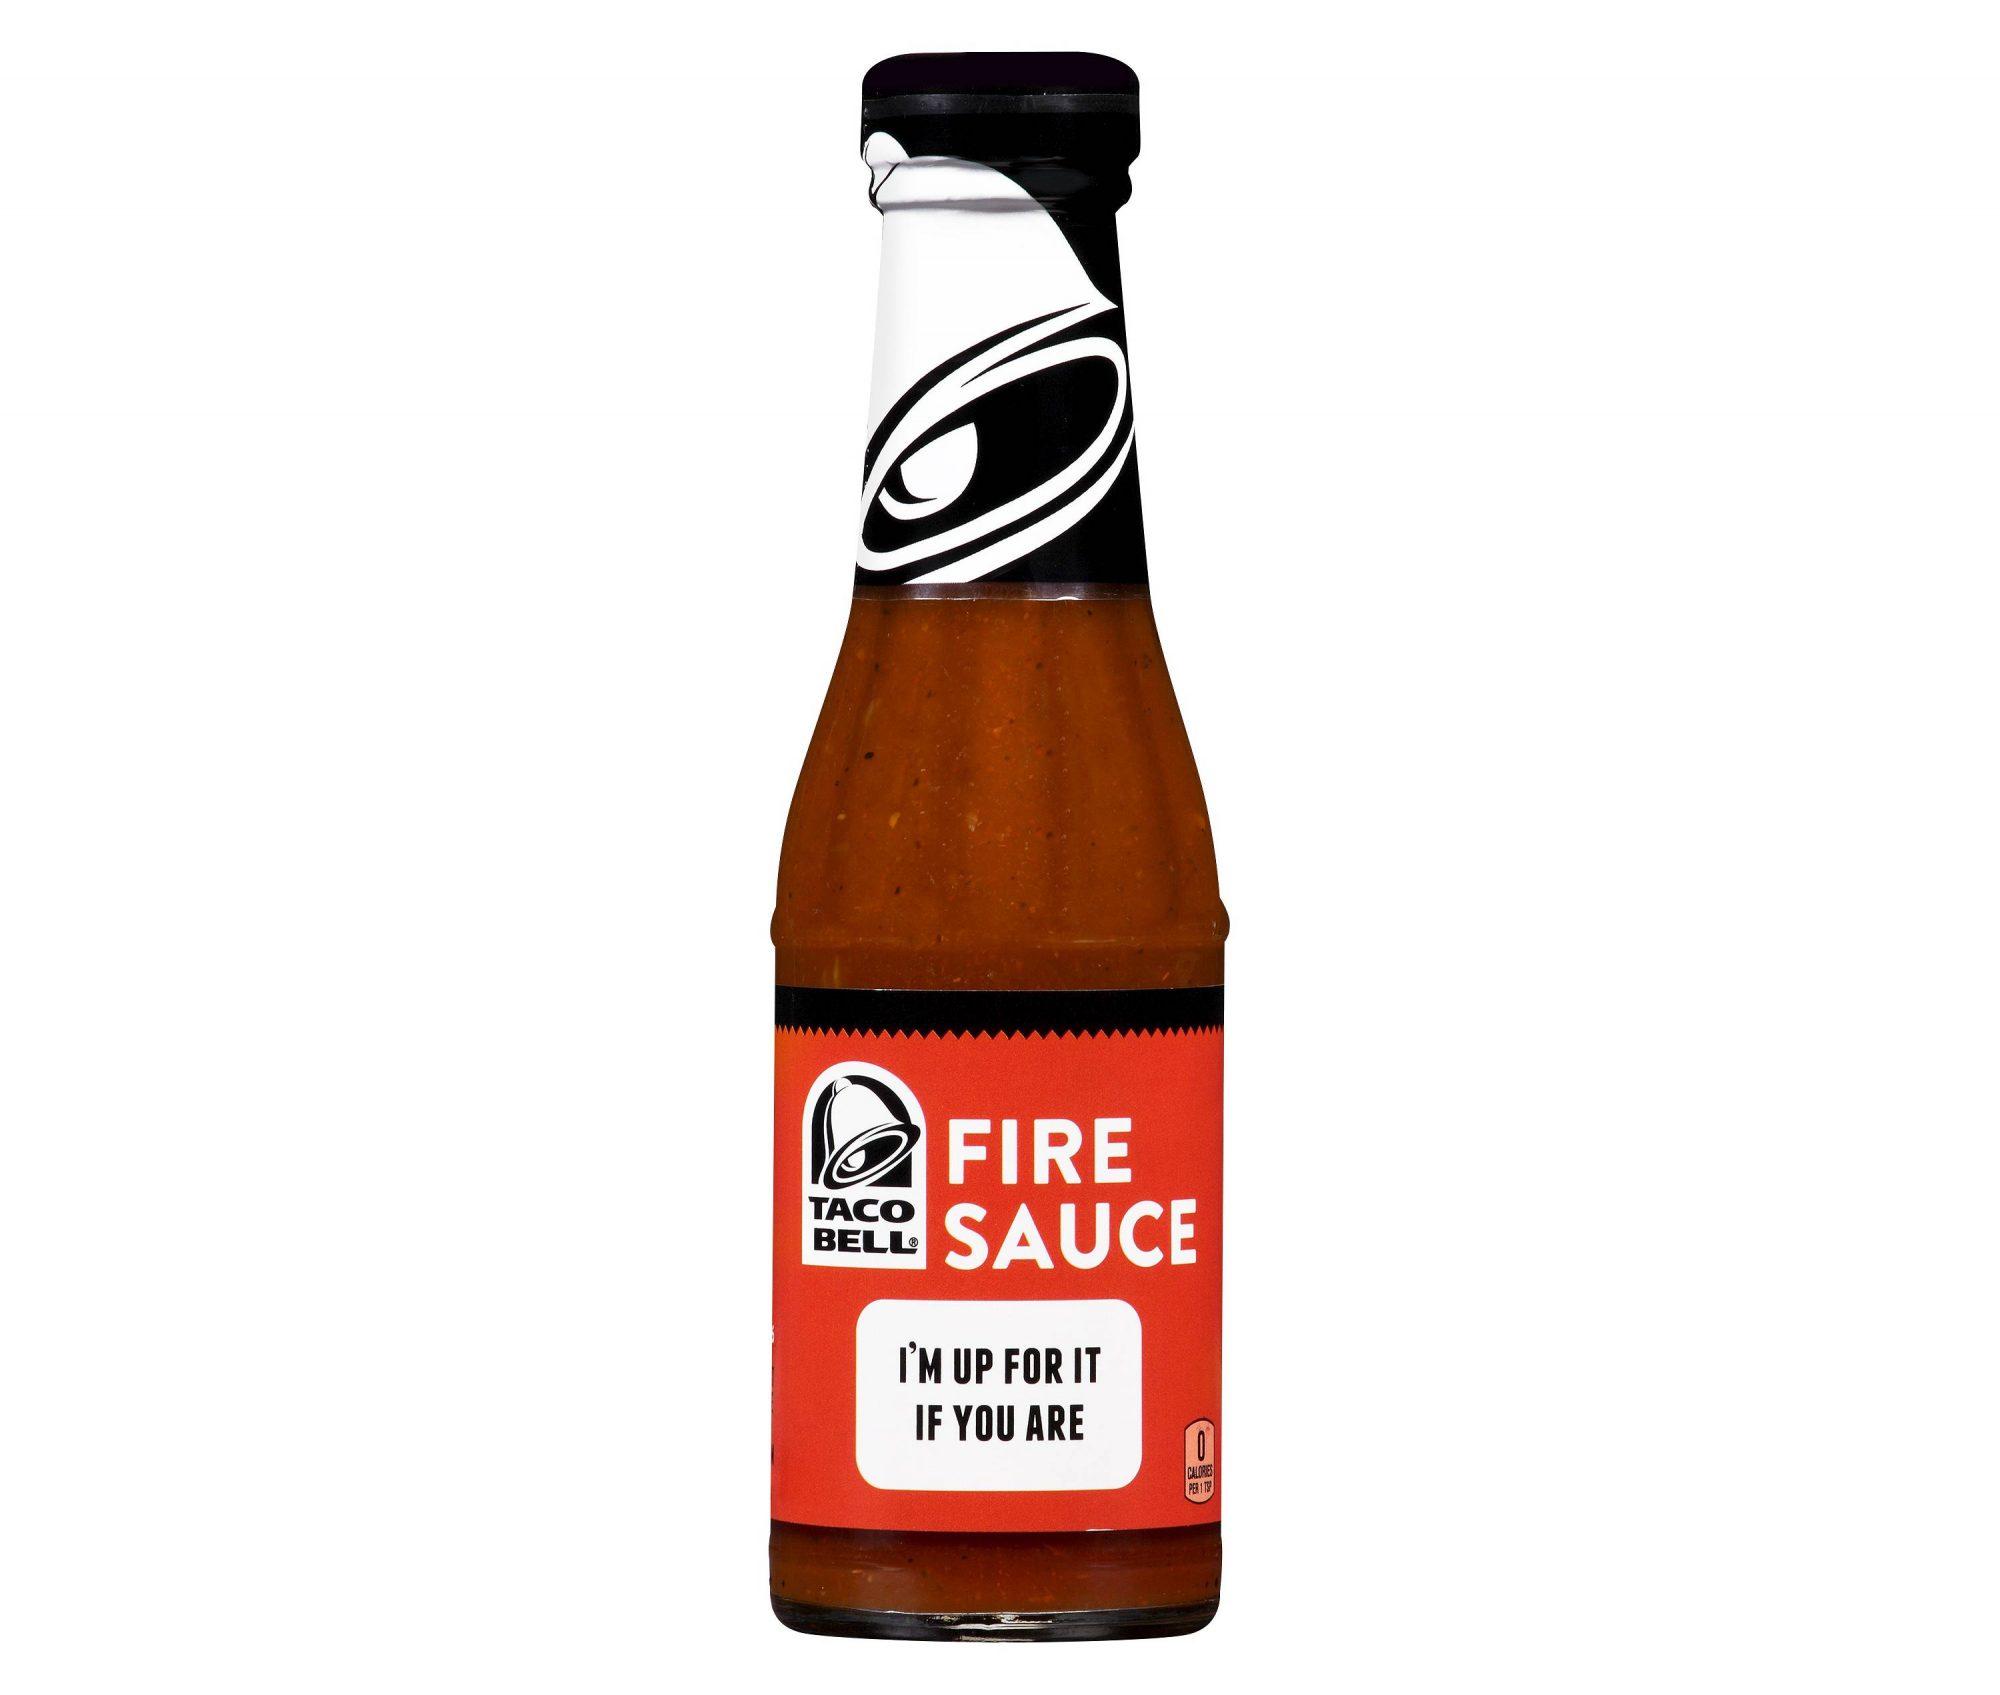 taco-bell-fire-sauce-1